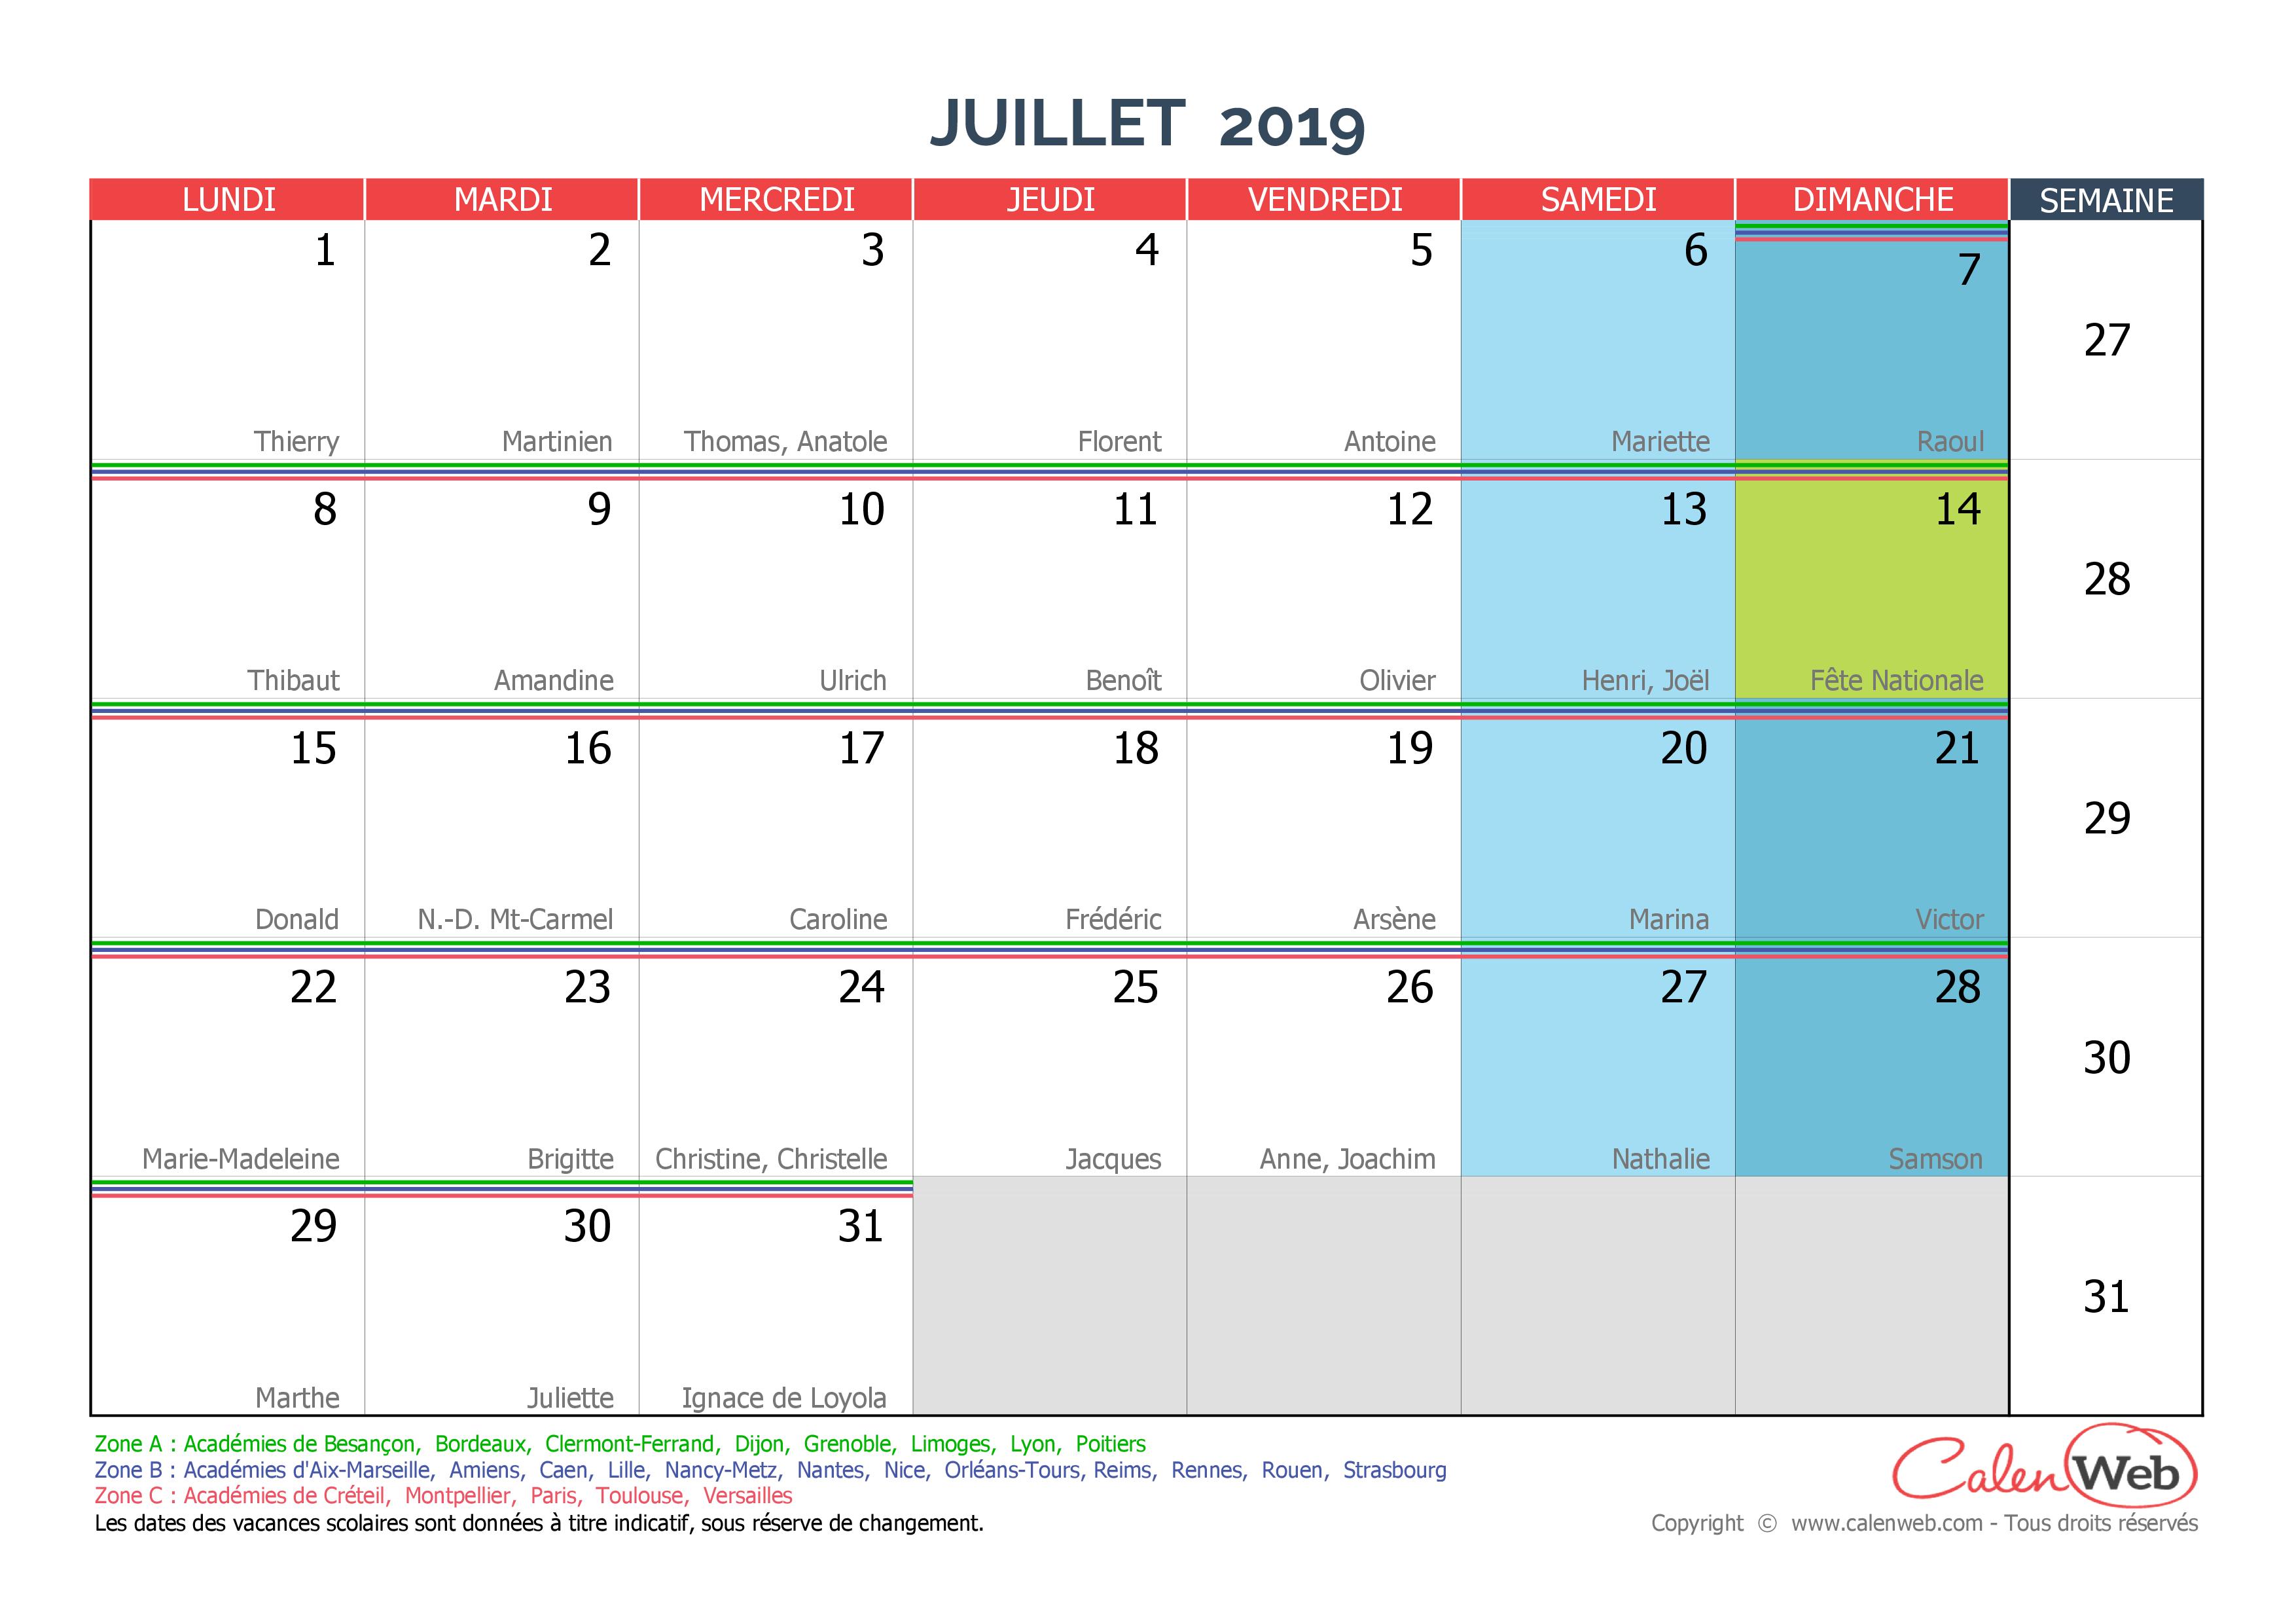 Calendrier Mensuel Juin 2019.Calendrier Mensuel Mois De Juillet 2019 Avec Fetes Jours